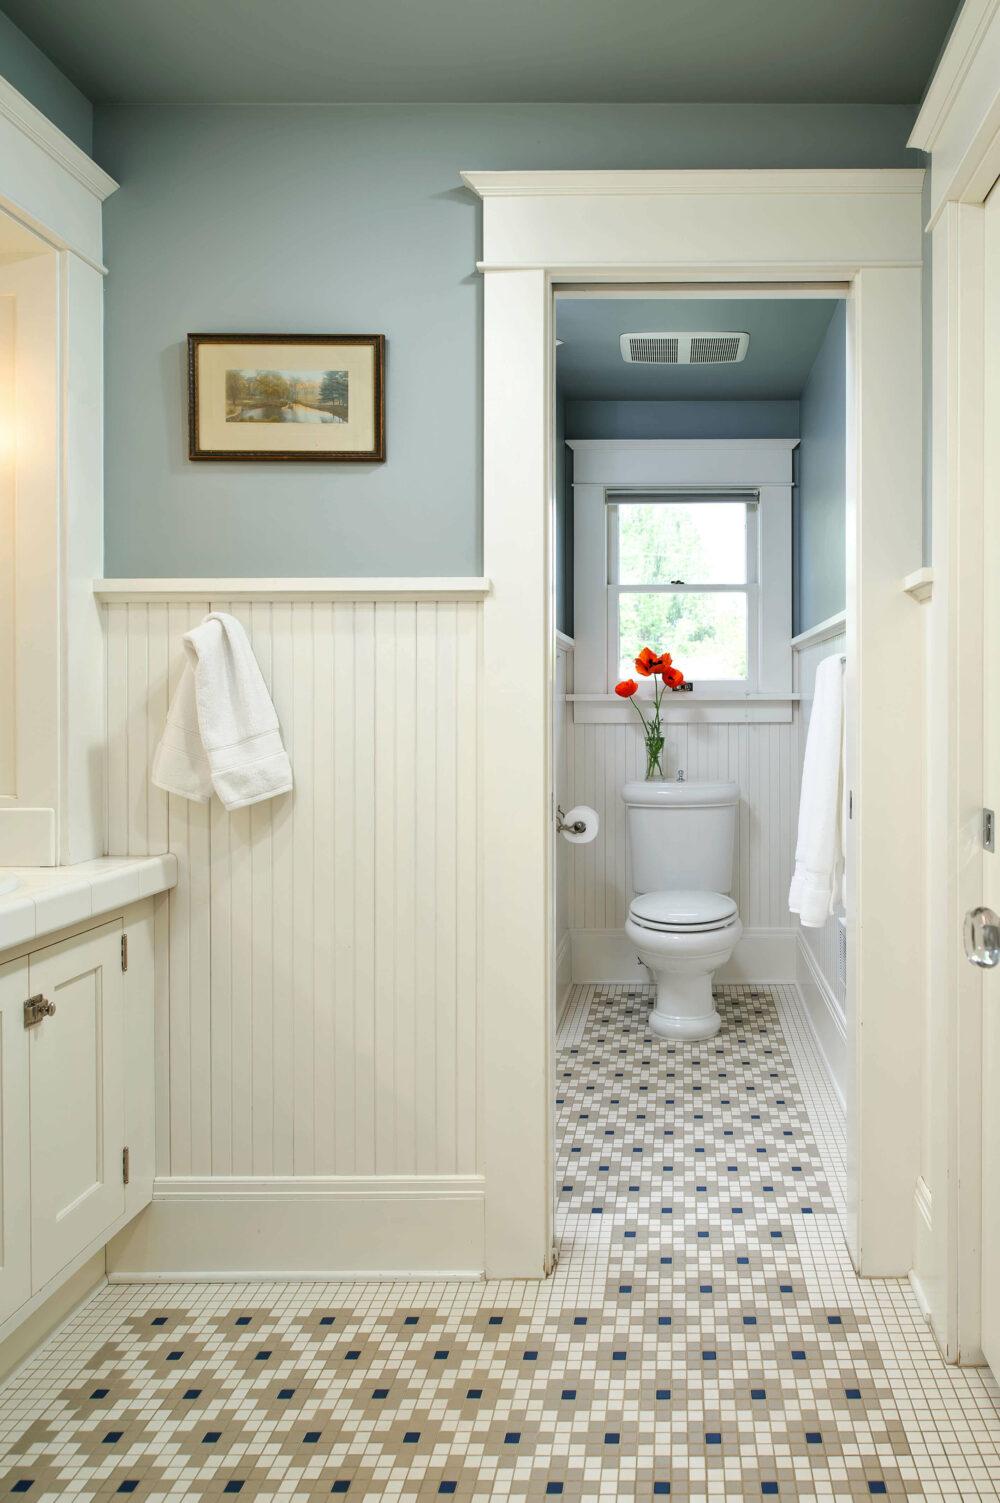 bathroom wainscoting over tile